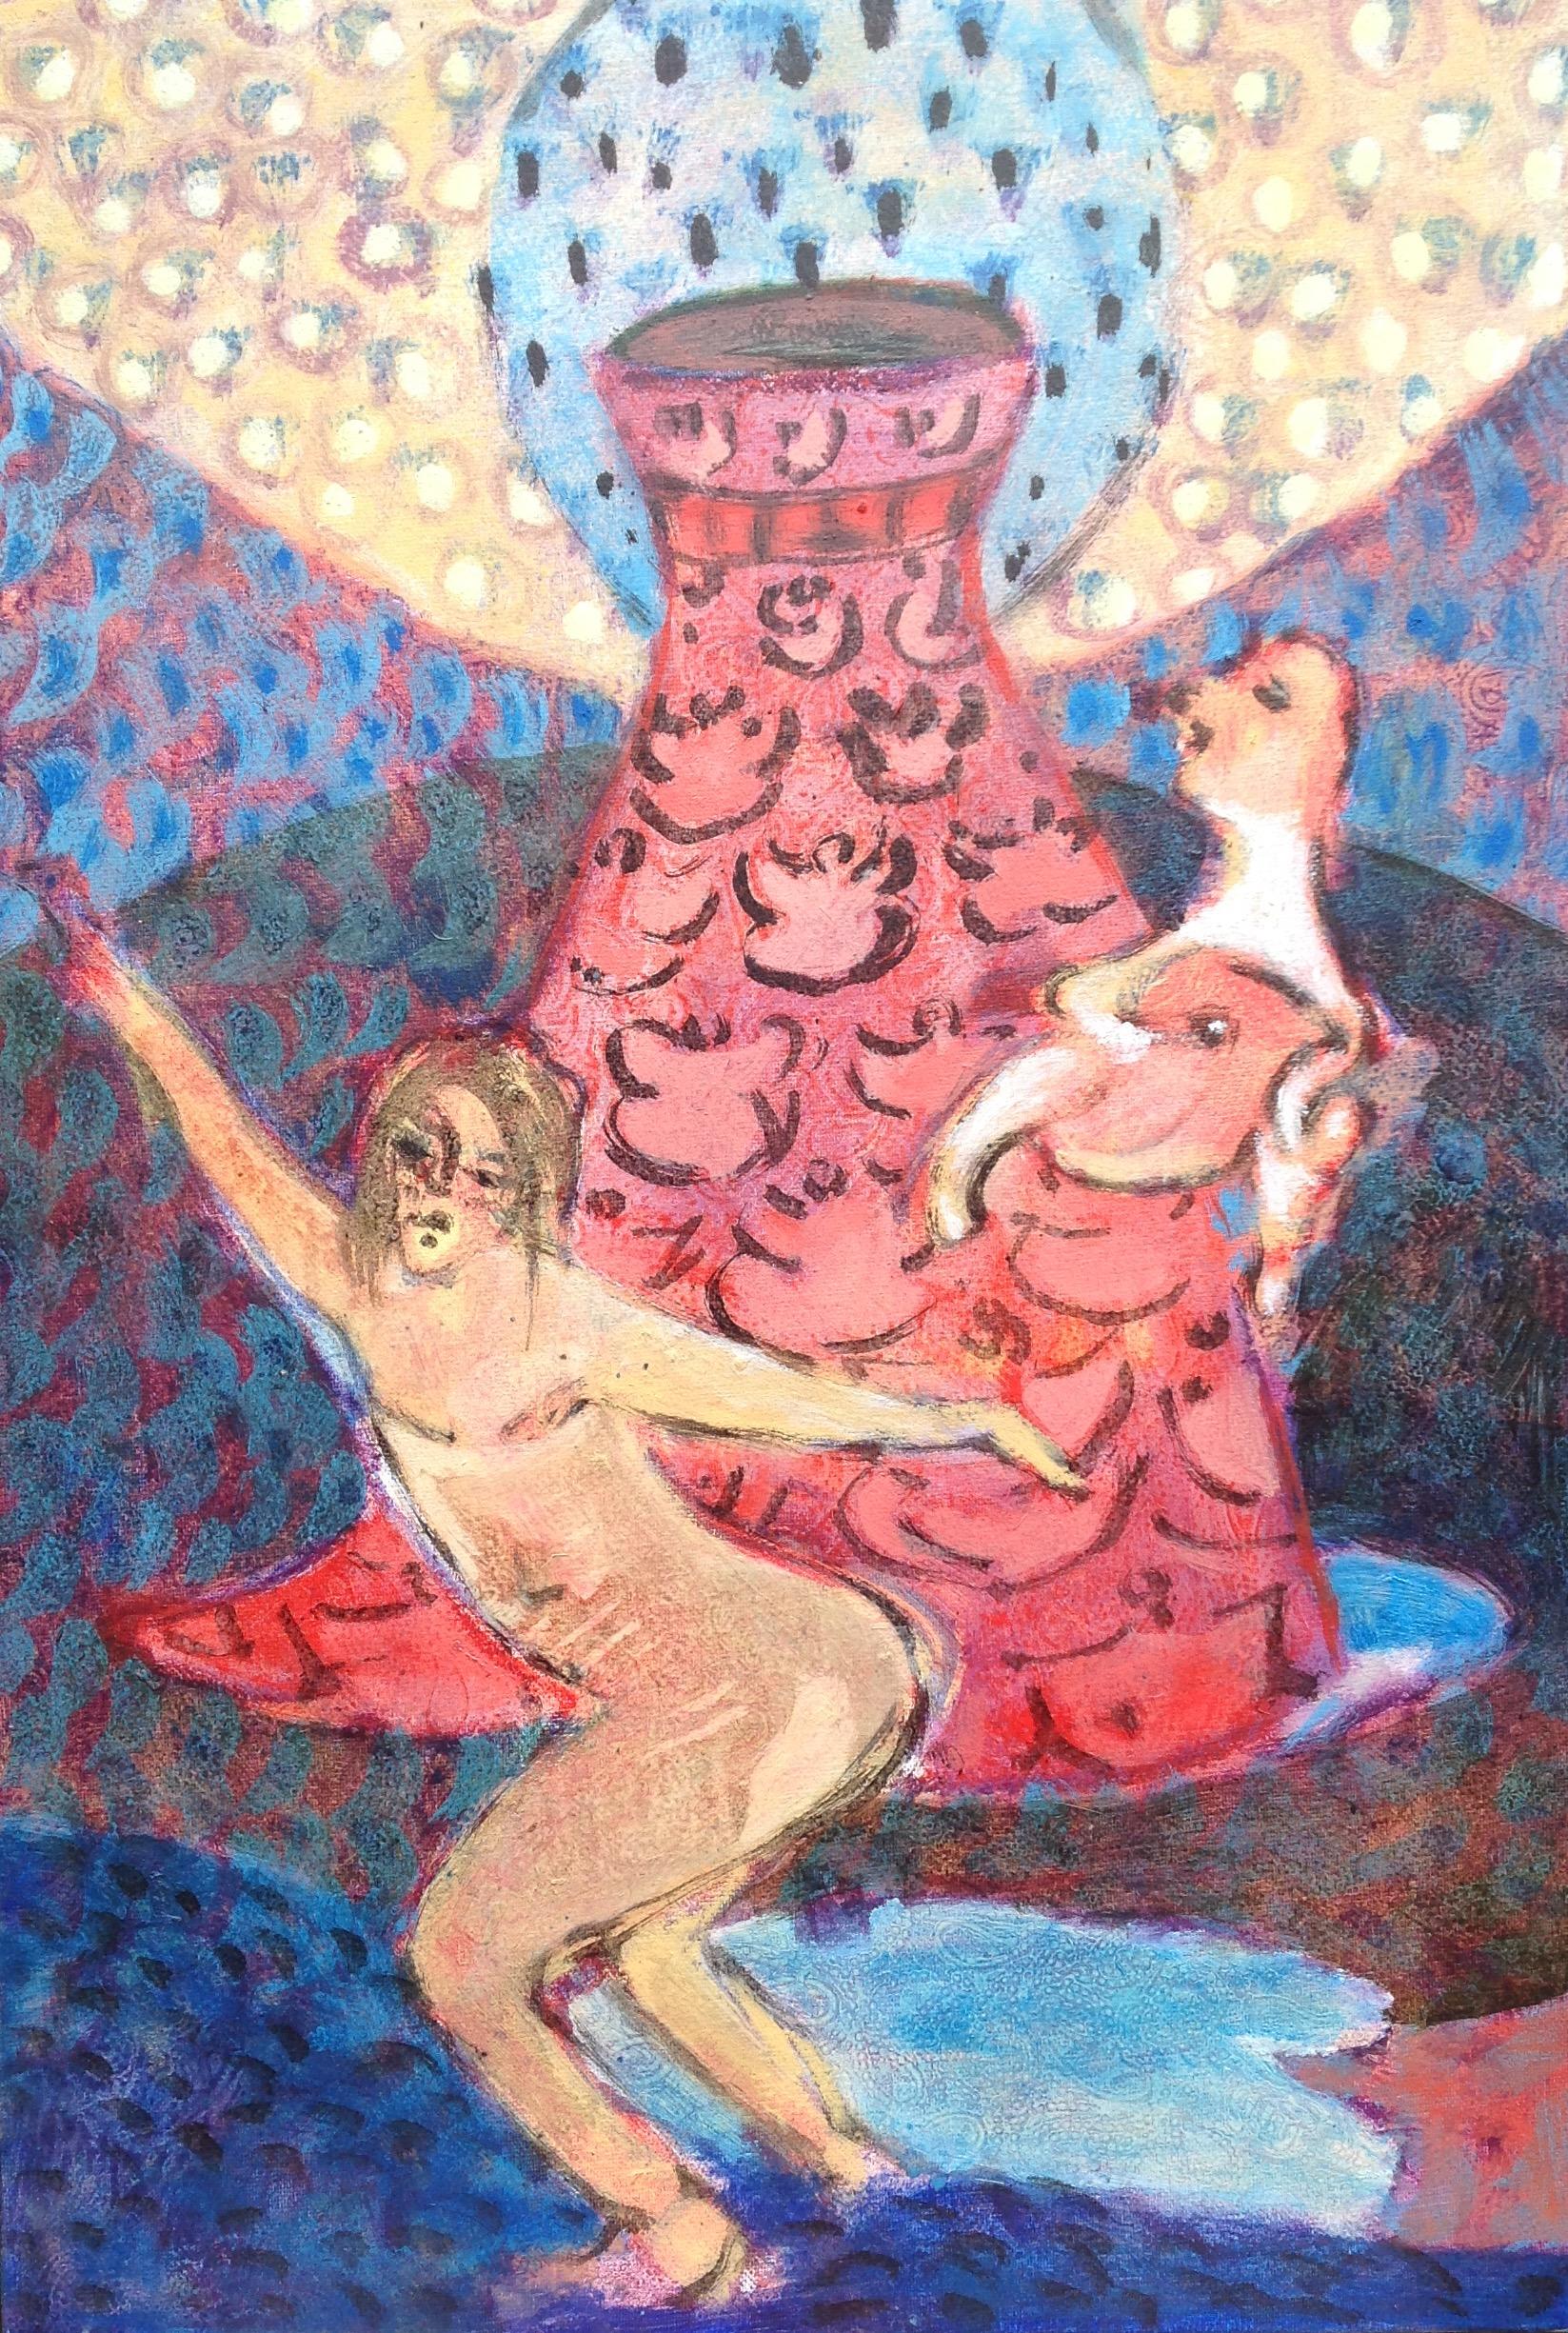 Totentanz, oil on canvas, 57x38cm